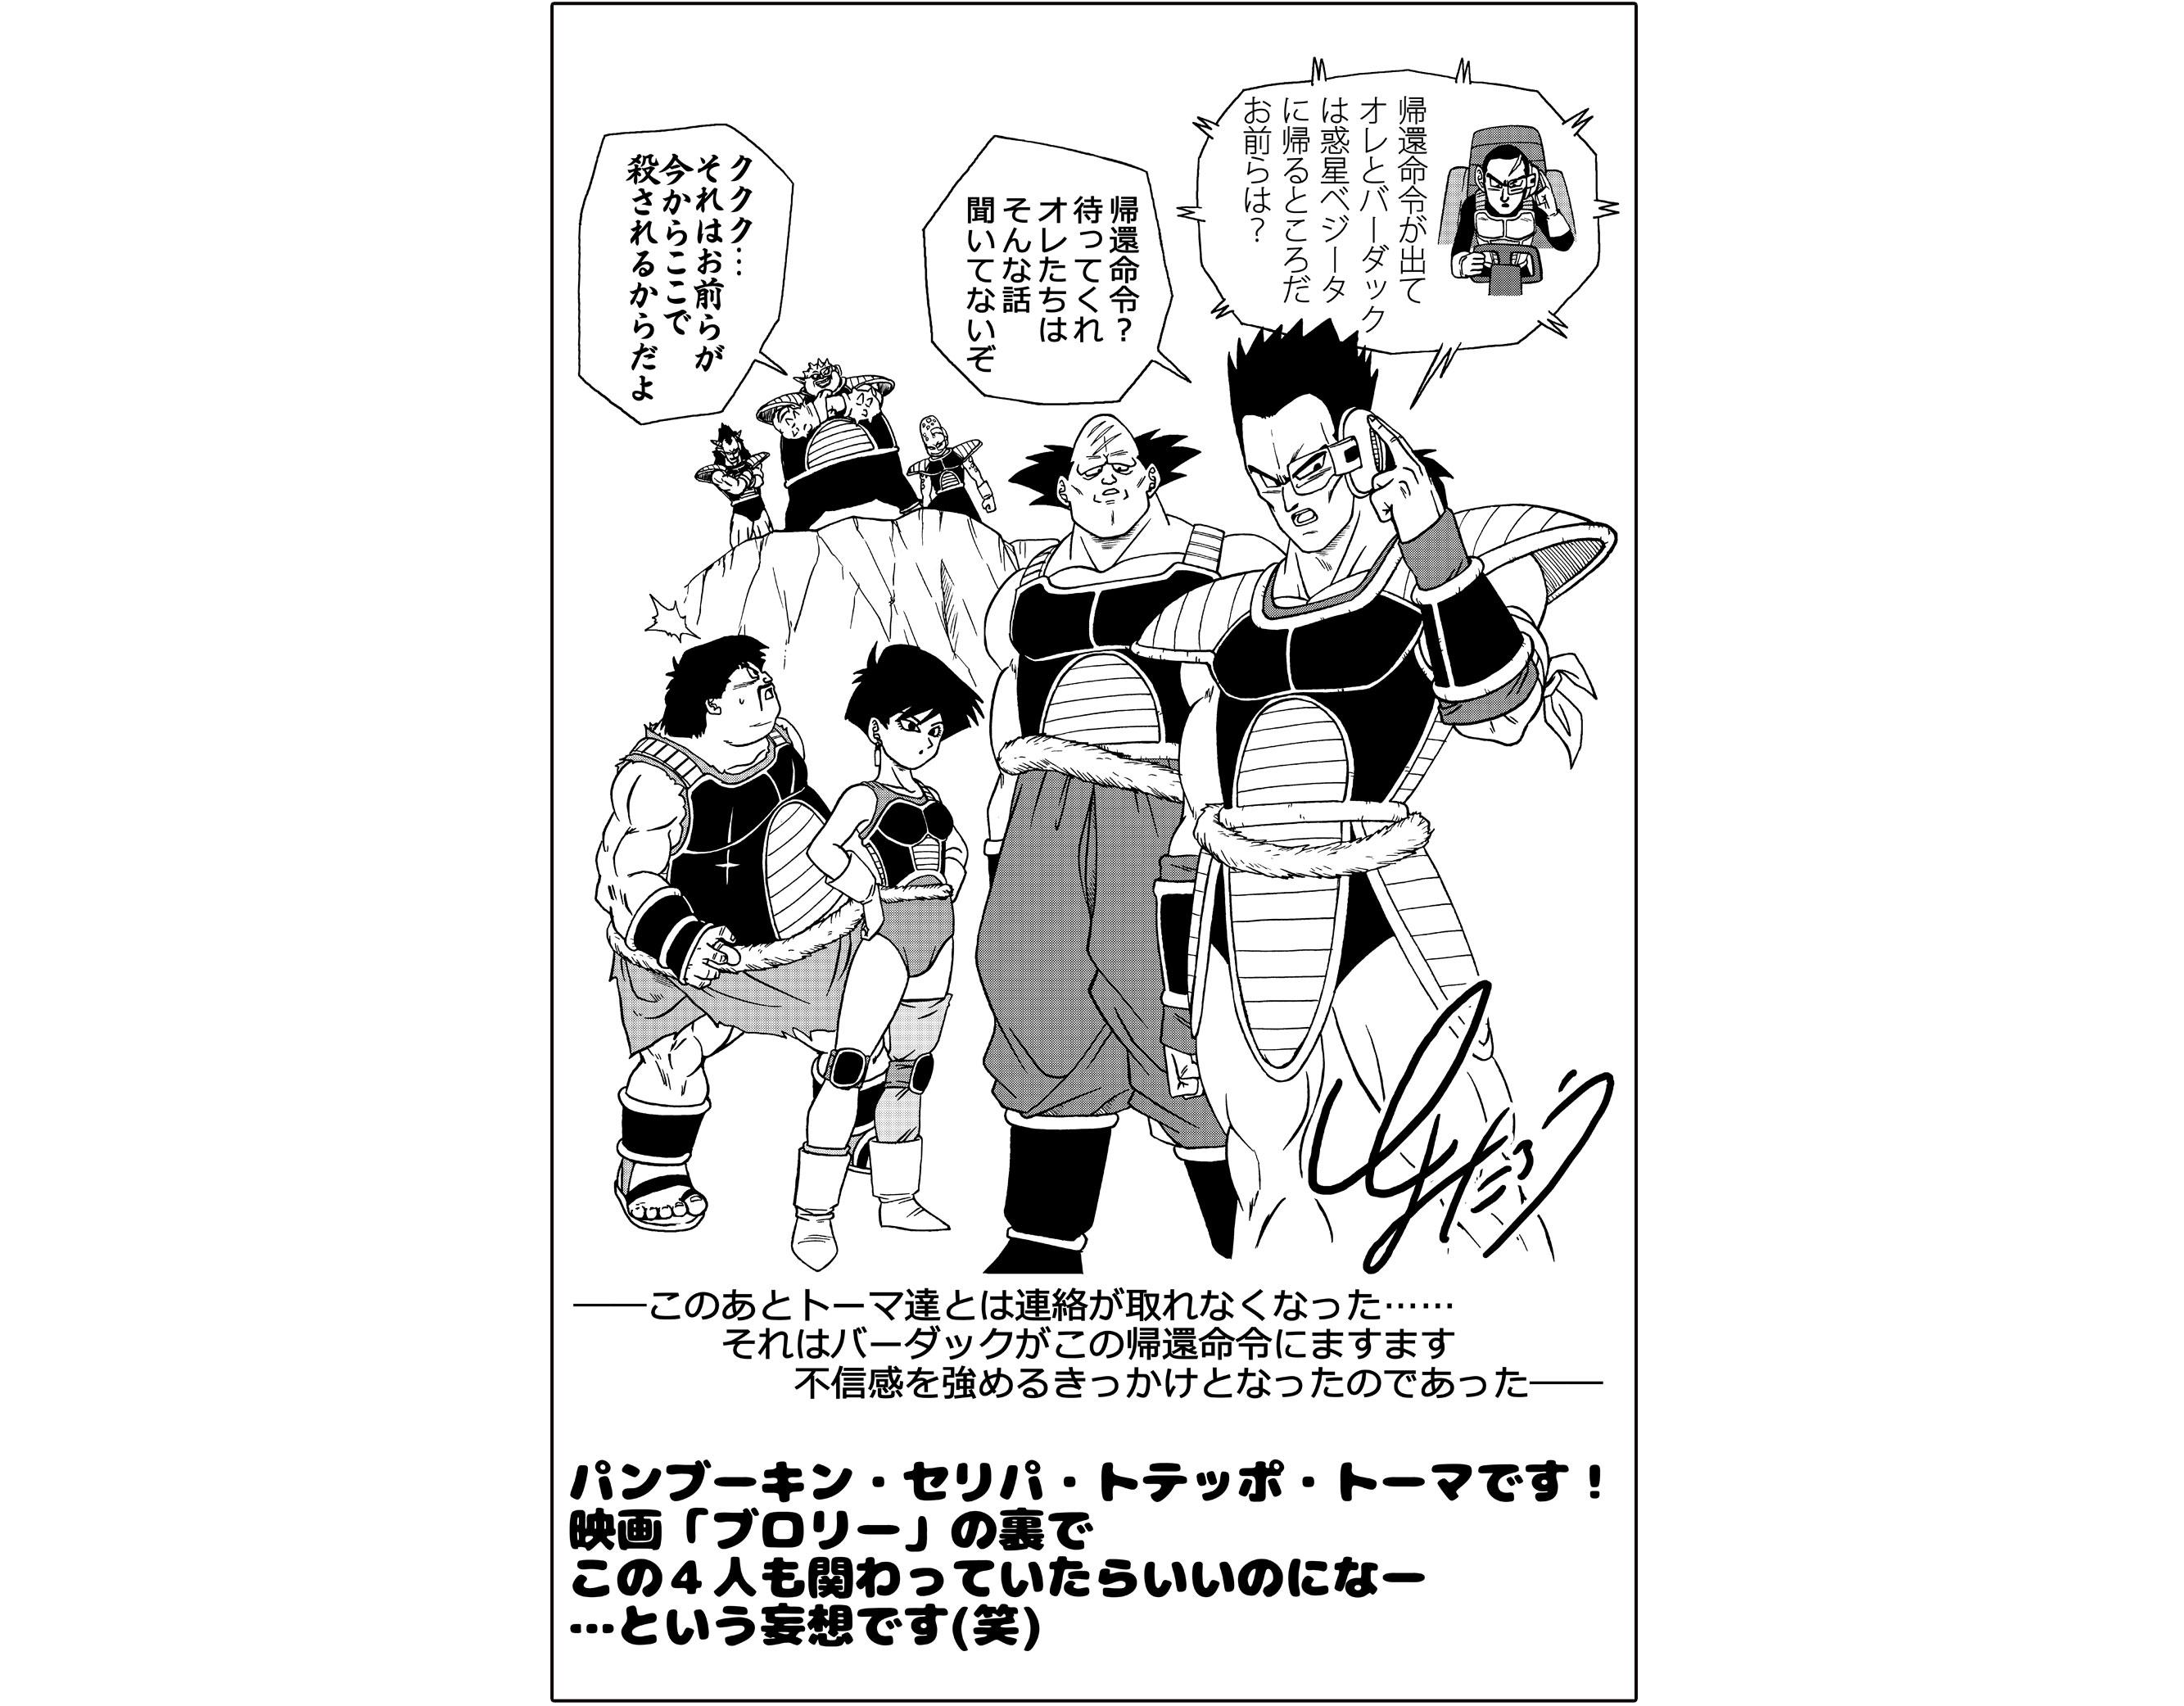 L'artwork de Toyotaro de Janvier 2019 pour le site officiel de Dragon Ball – Pumbukin, Selypa, Totapo et Toma